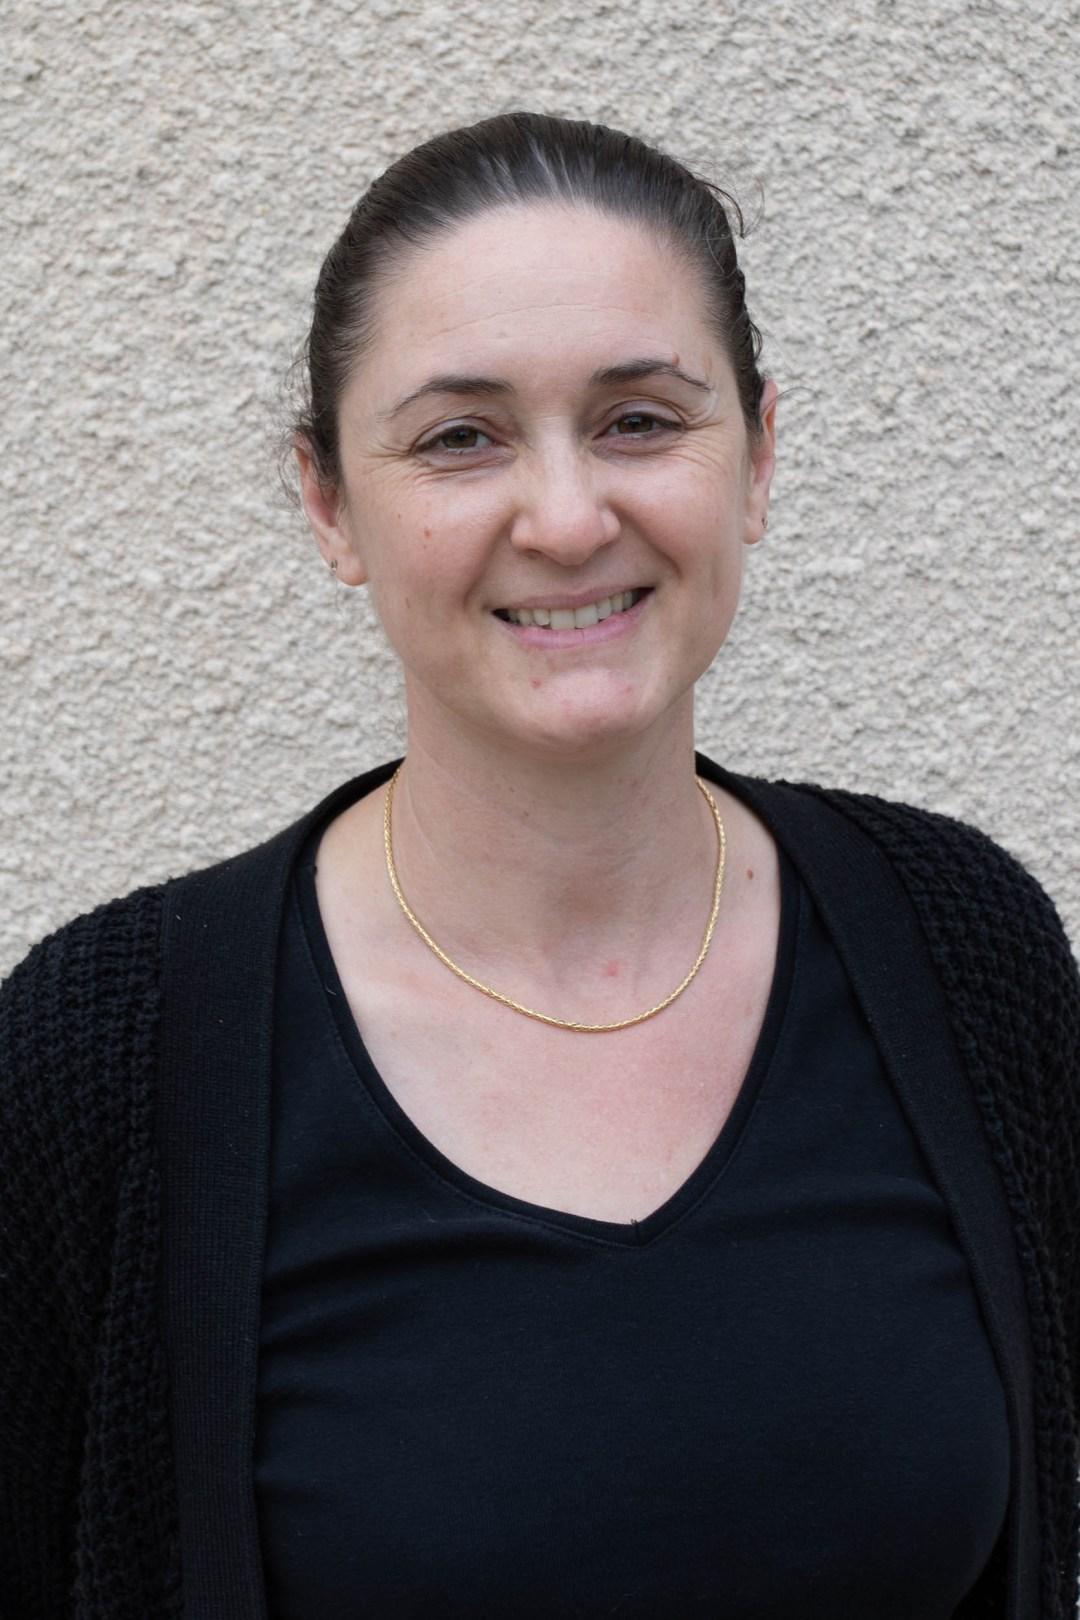 Mélanie SALLE, née PIALOT